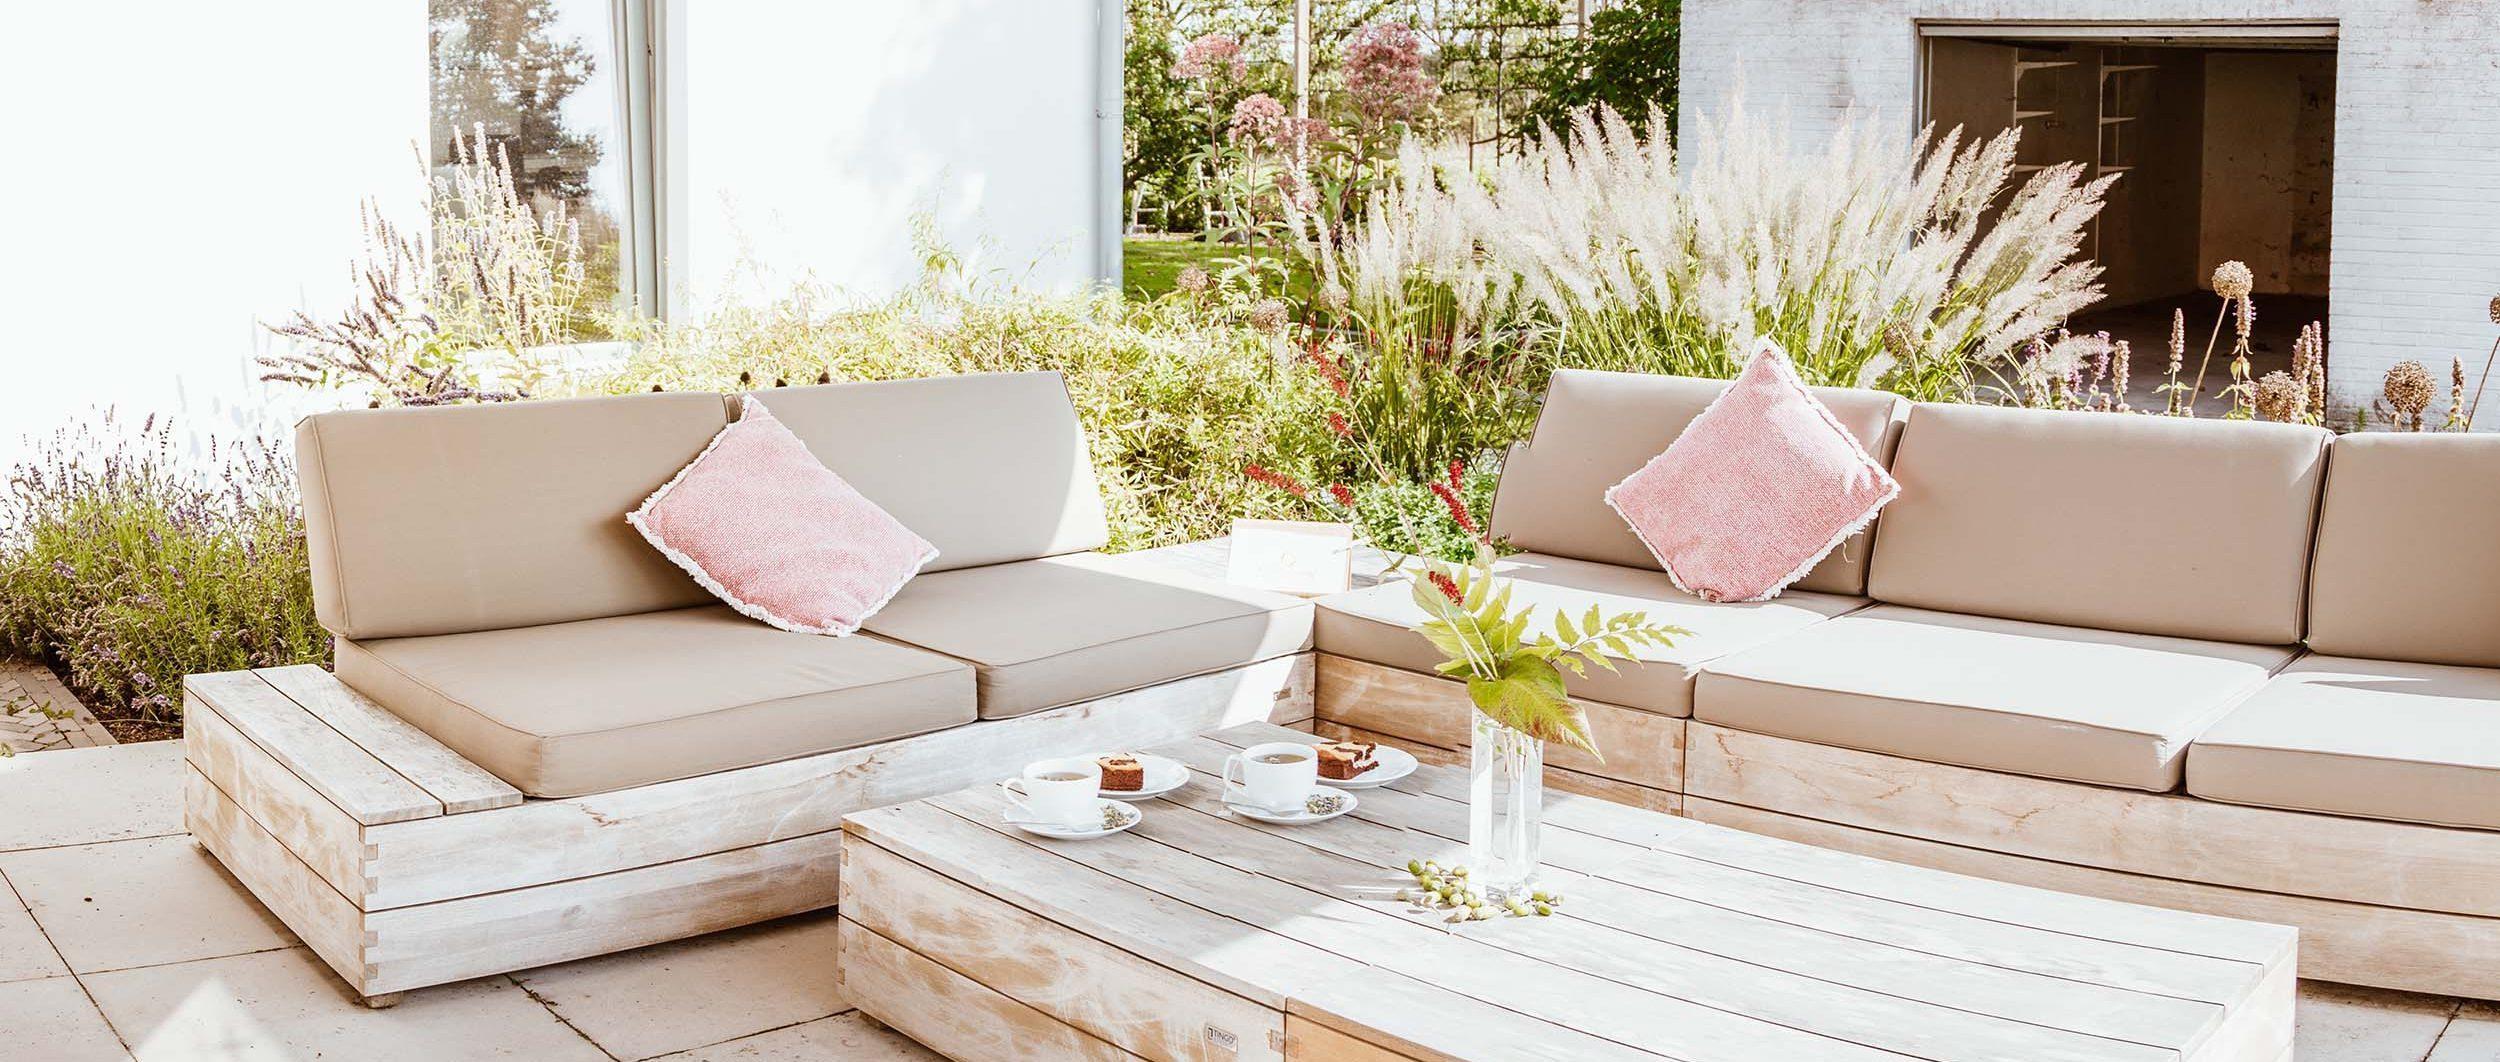 Viereinhalb Eichen Ferienwohnungen am Niederrhein Blick auf Terrasse